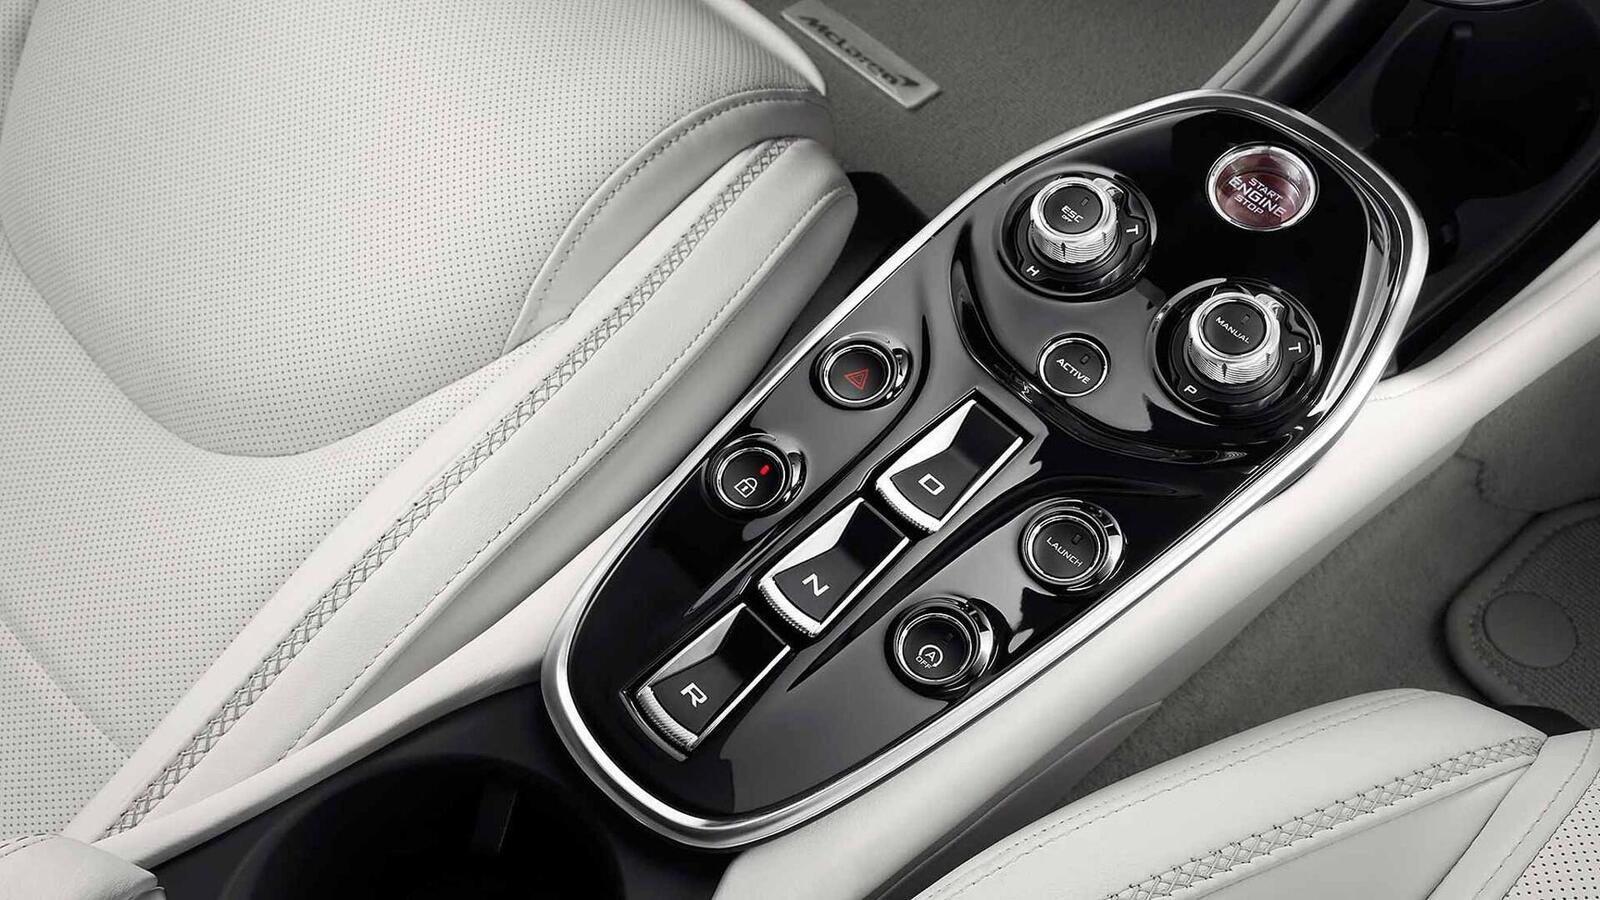 McLaren giới thiệu siêu xe GT 2020 hoàn toàn mới: Động cơ mạnh mẽ và cabin thoải mái - Hình 11